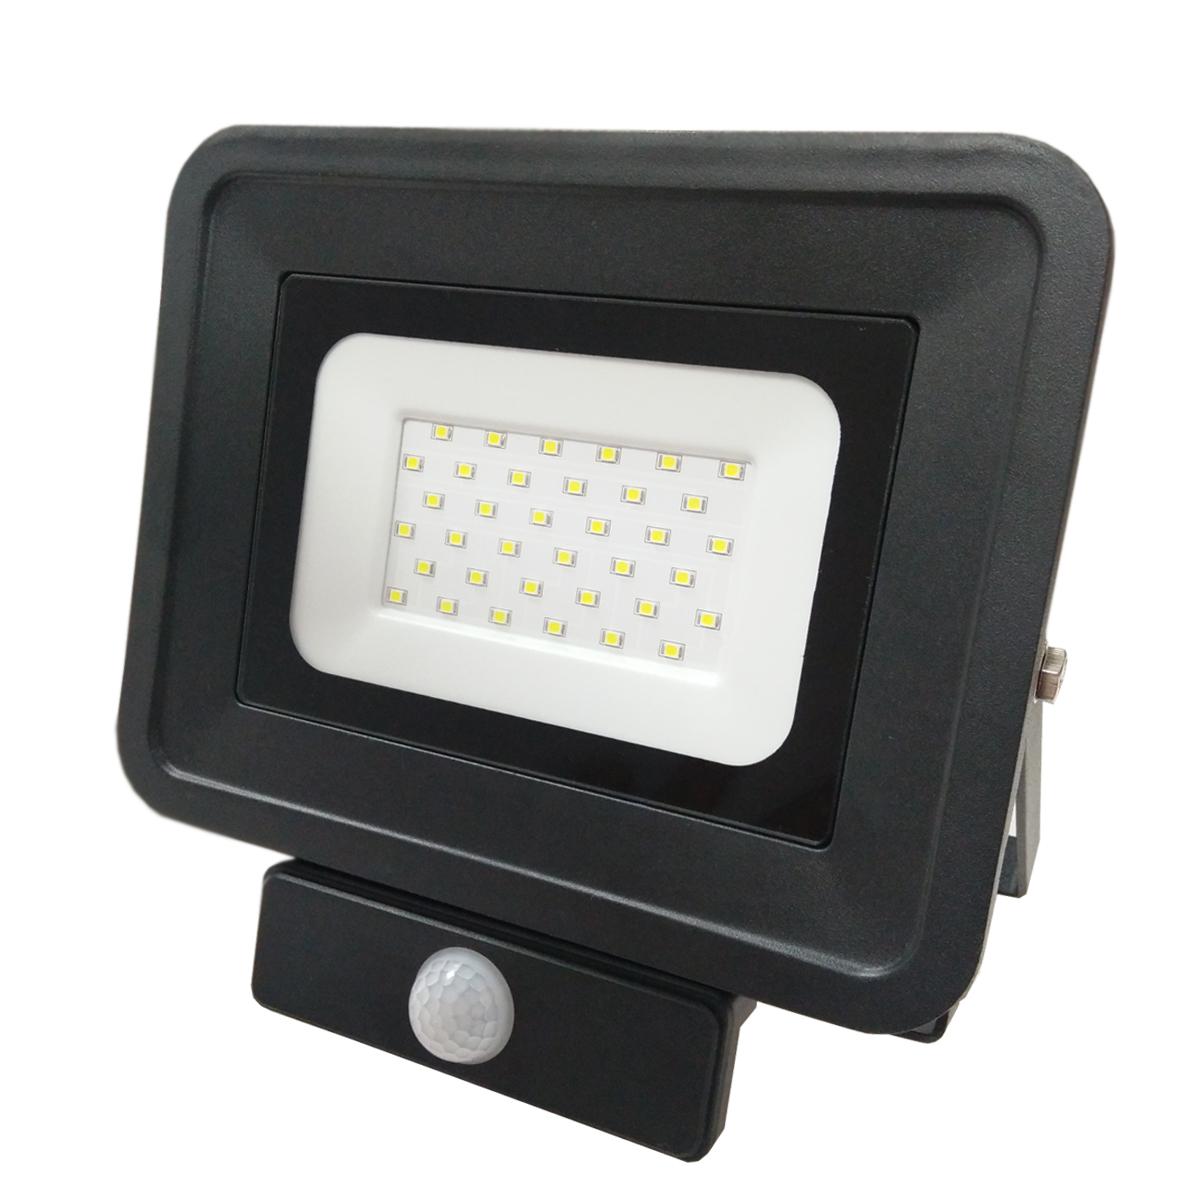 LED venkovní reflektor SMD Classic2 PIR černý 30W studená bílá